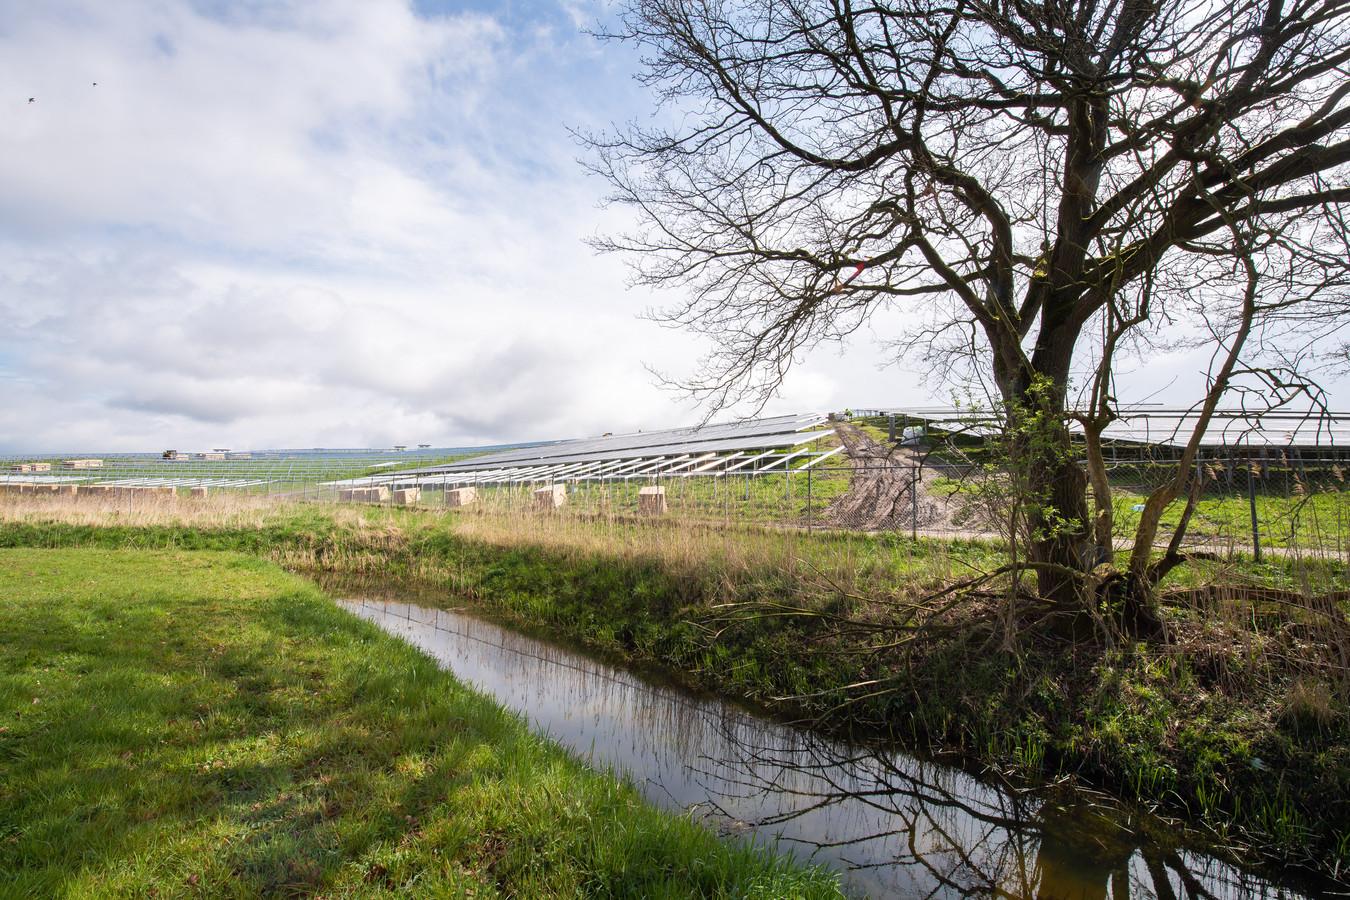 De zonnepanelen van de Bavelse Berg bij Dorst krijgen gezelschap van een zonnepark op maaiveld aan de nabijgelegen Akkerweg.